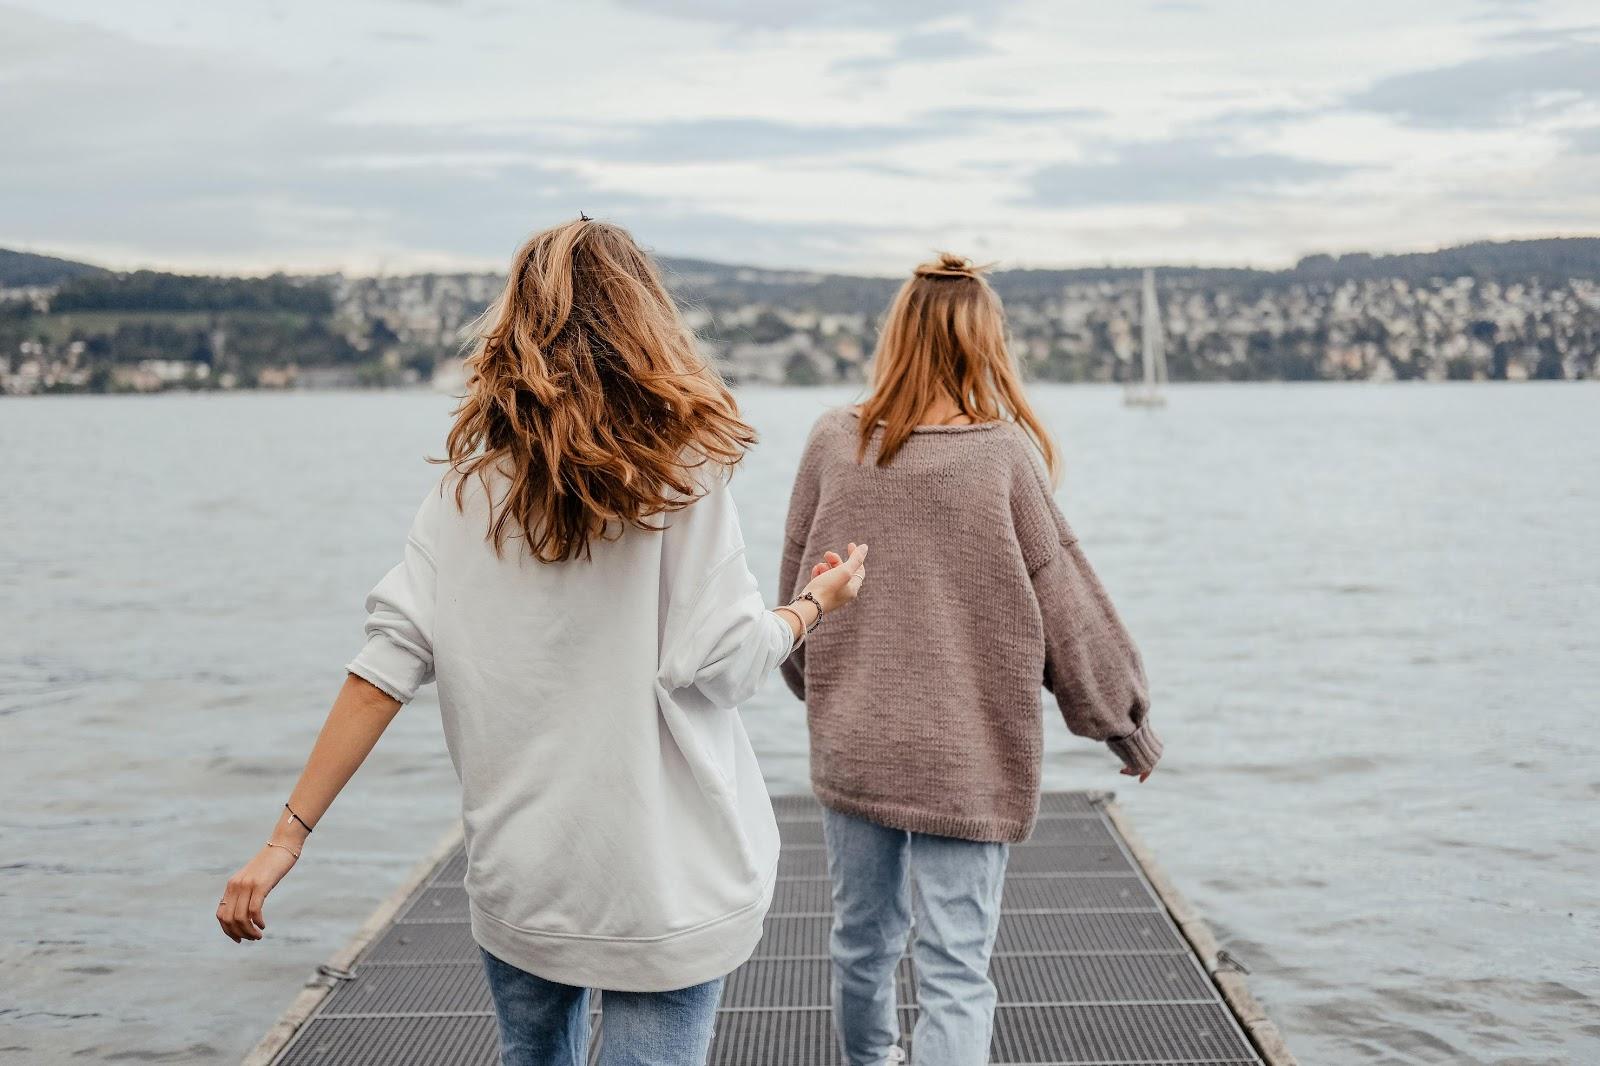 Co założyć do jeansów jesienią? Instagramowe inspiracje